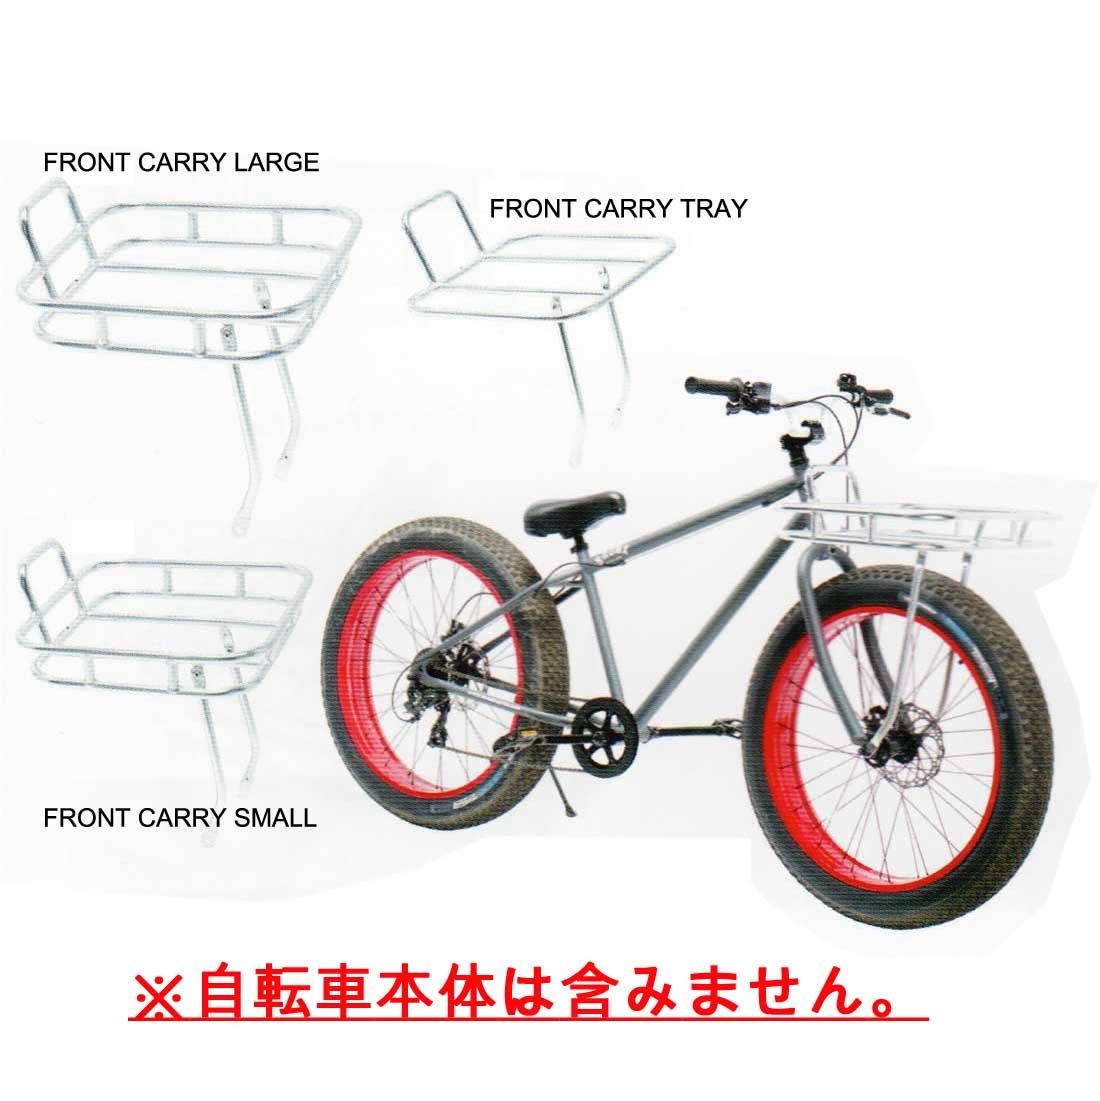 【自転車用 荷台】BRONX FRONT CAREER LARGE自転車 荷台 お洒落 軽量 ミニベロ ビーチクルーザー ファットバイク